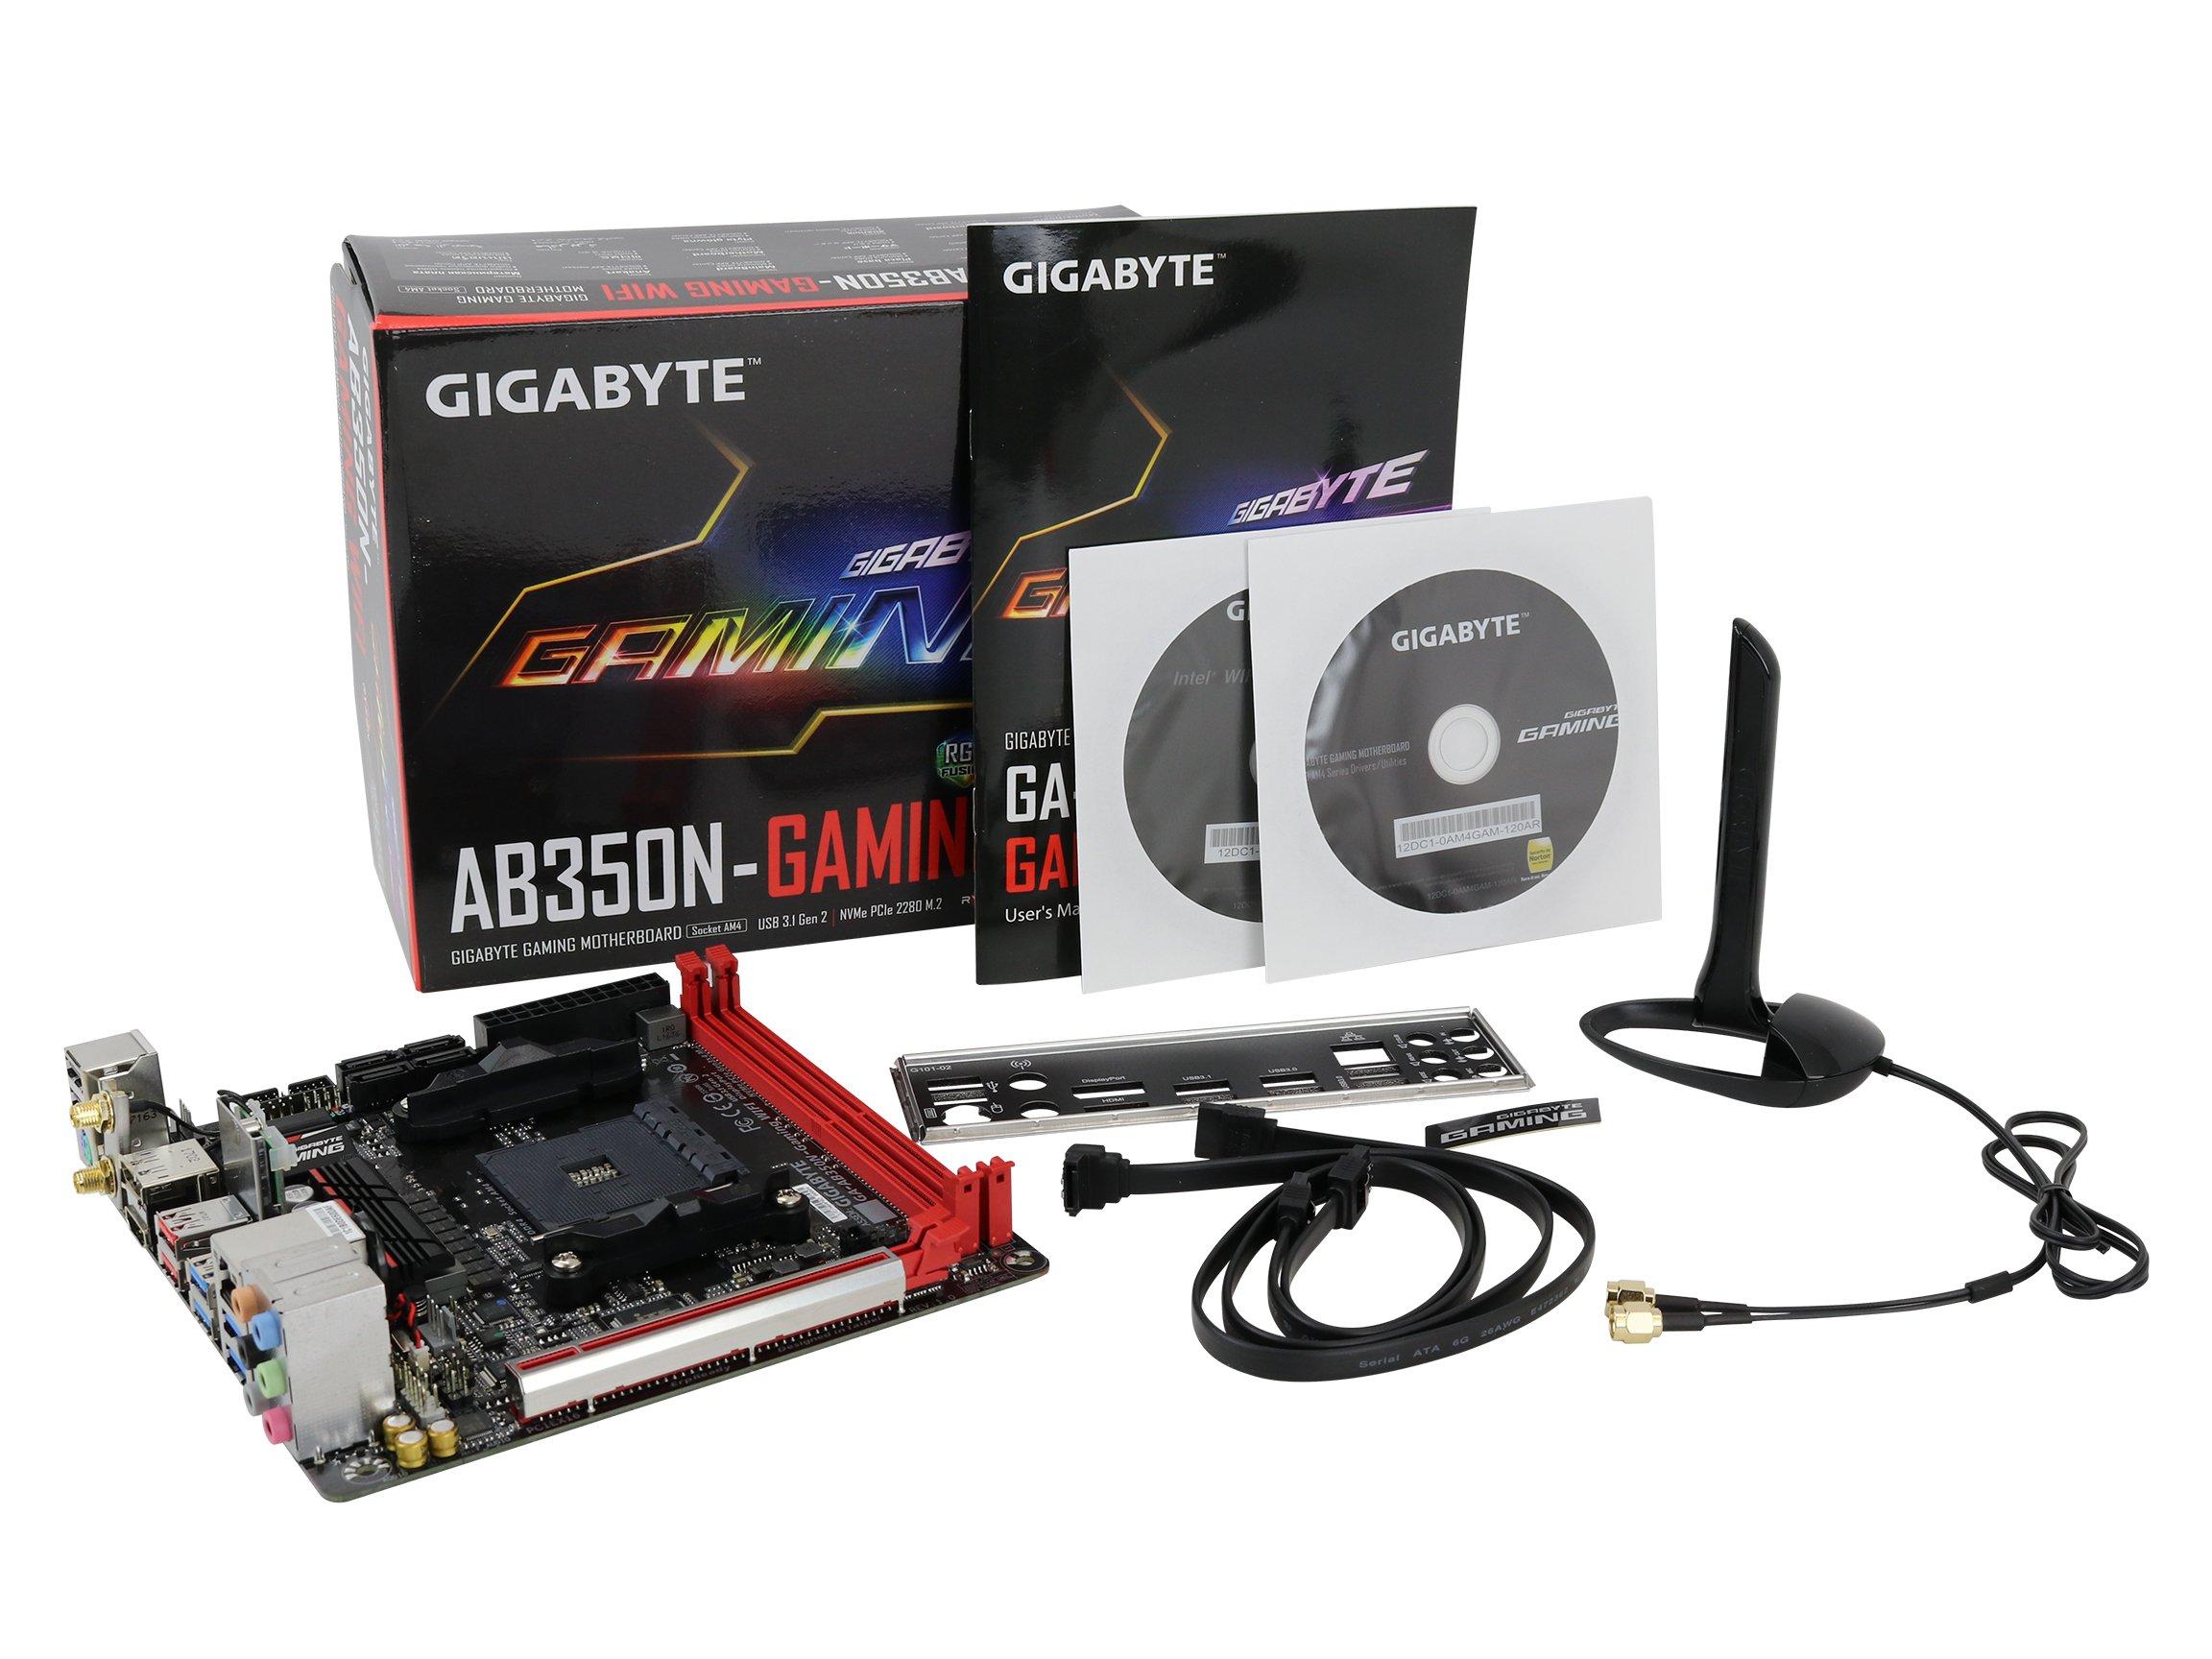 GIGABYTE GA-AB350N-Gaming WIFI (AMD/Ryzen AM4/B350/RGB Fusion/HDMI/DP/M.2/SATA/USB 3.1 Type-A/Wifi/Mini ITX/DDR4 Motherboard) by Gigabyte (Image #7)